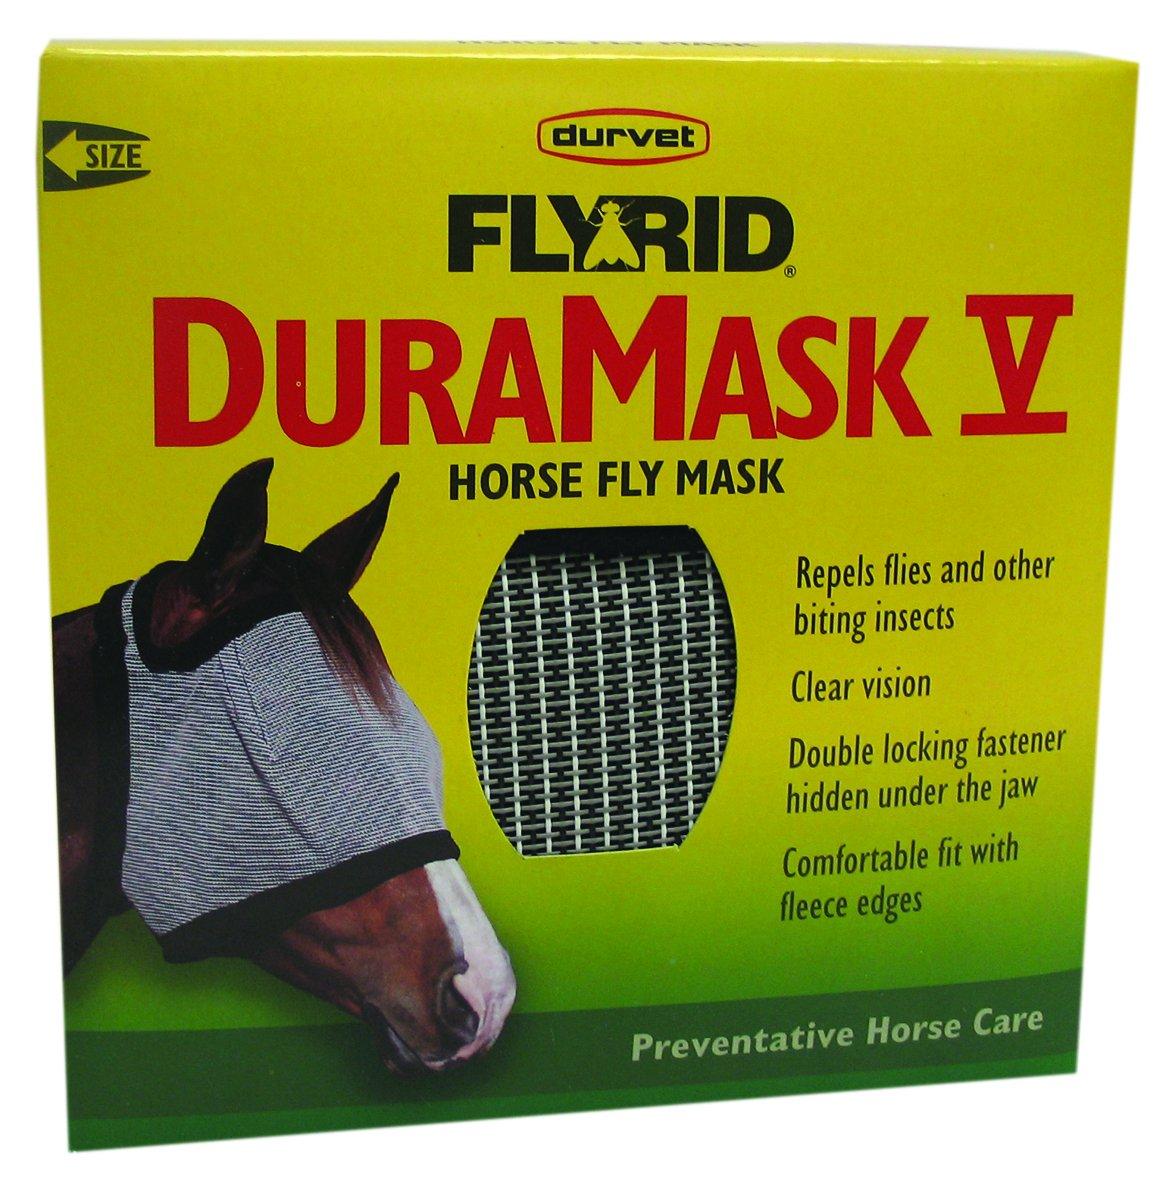 Durvet Fly D 698574 Duramask Fly Mask by Durvet